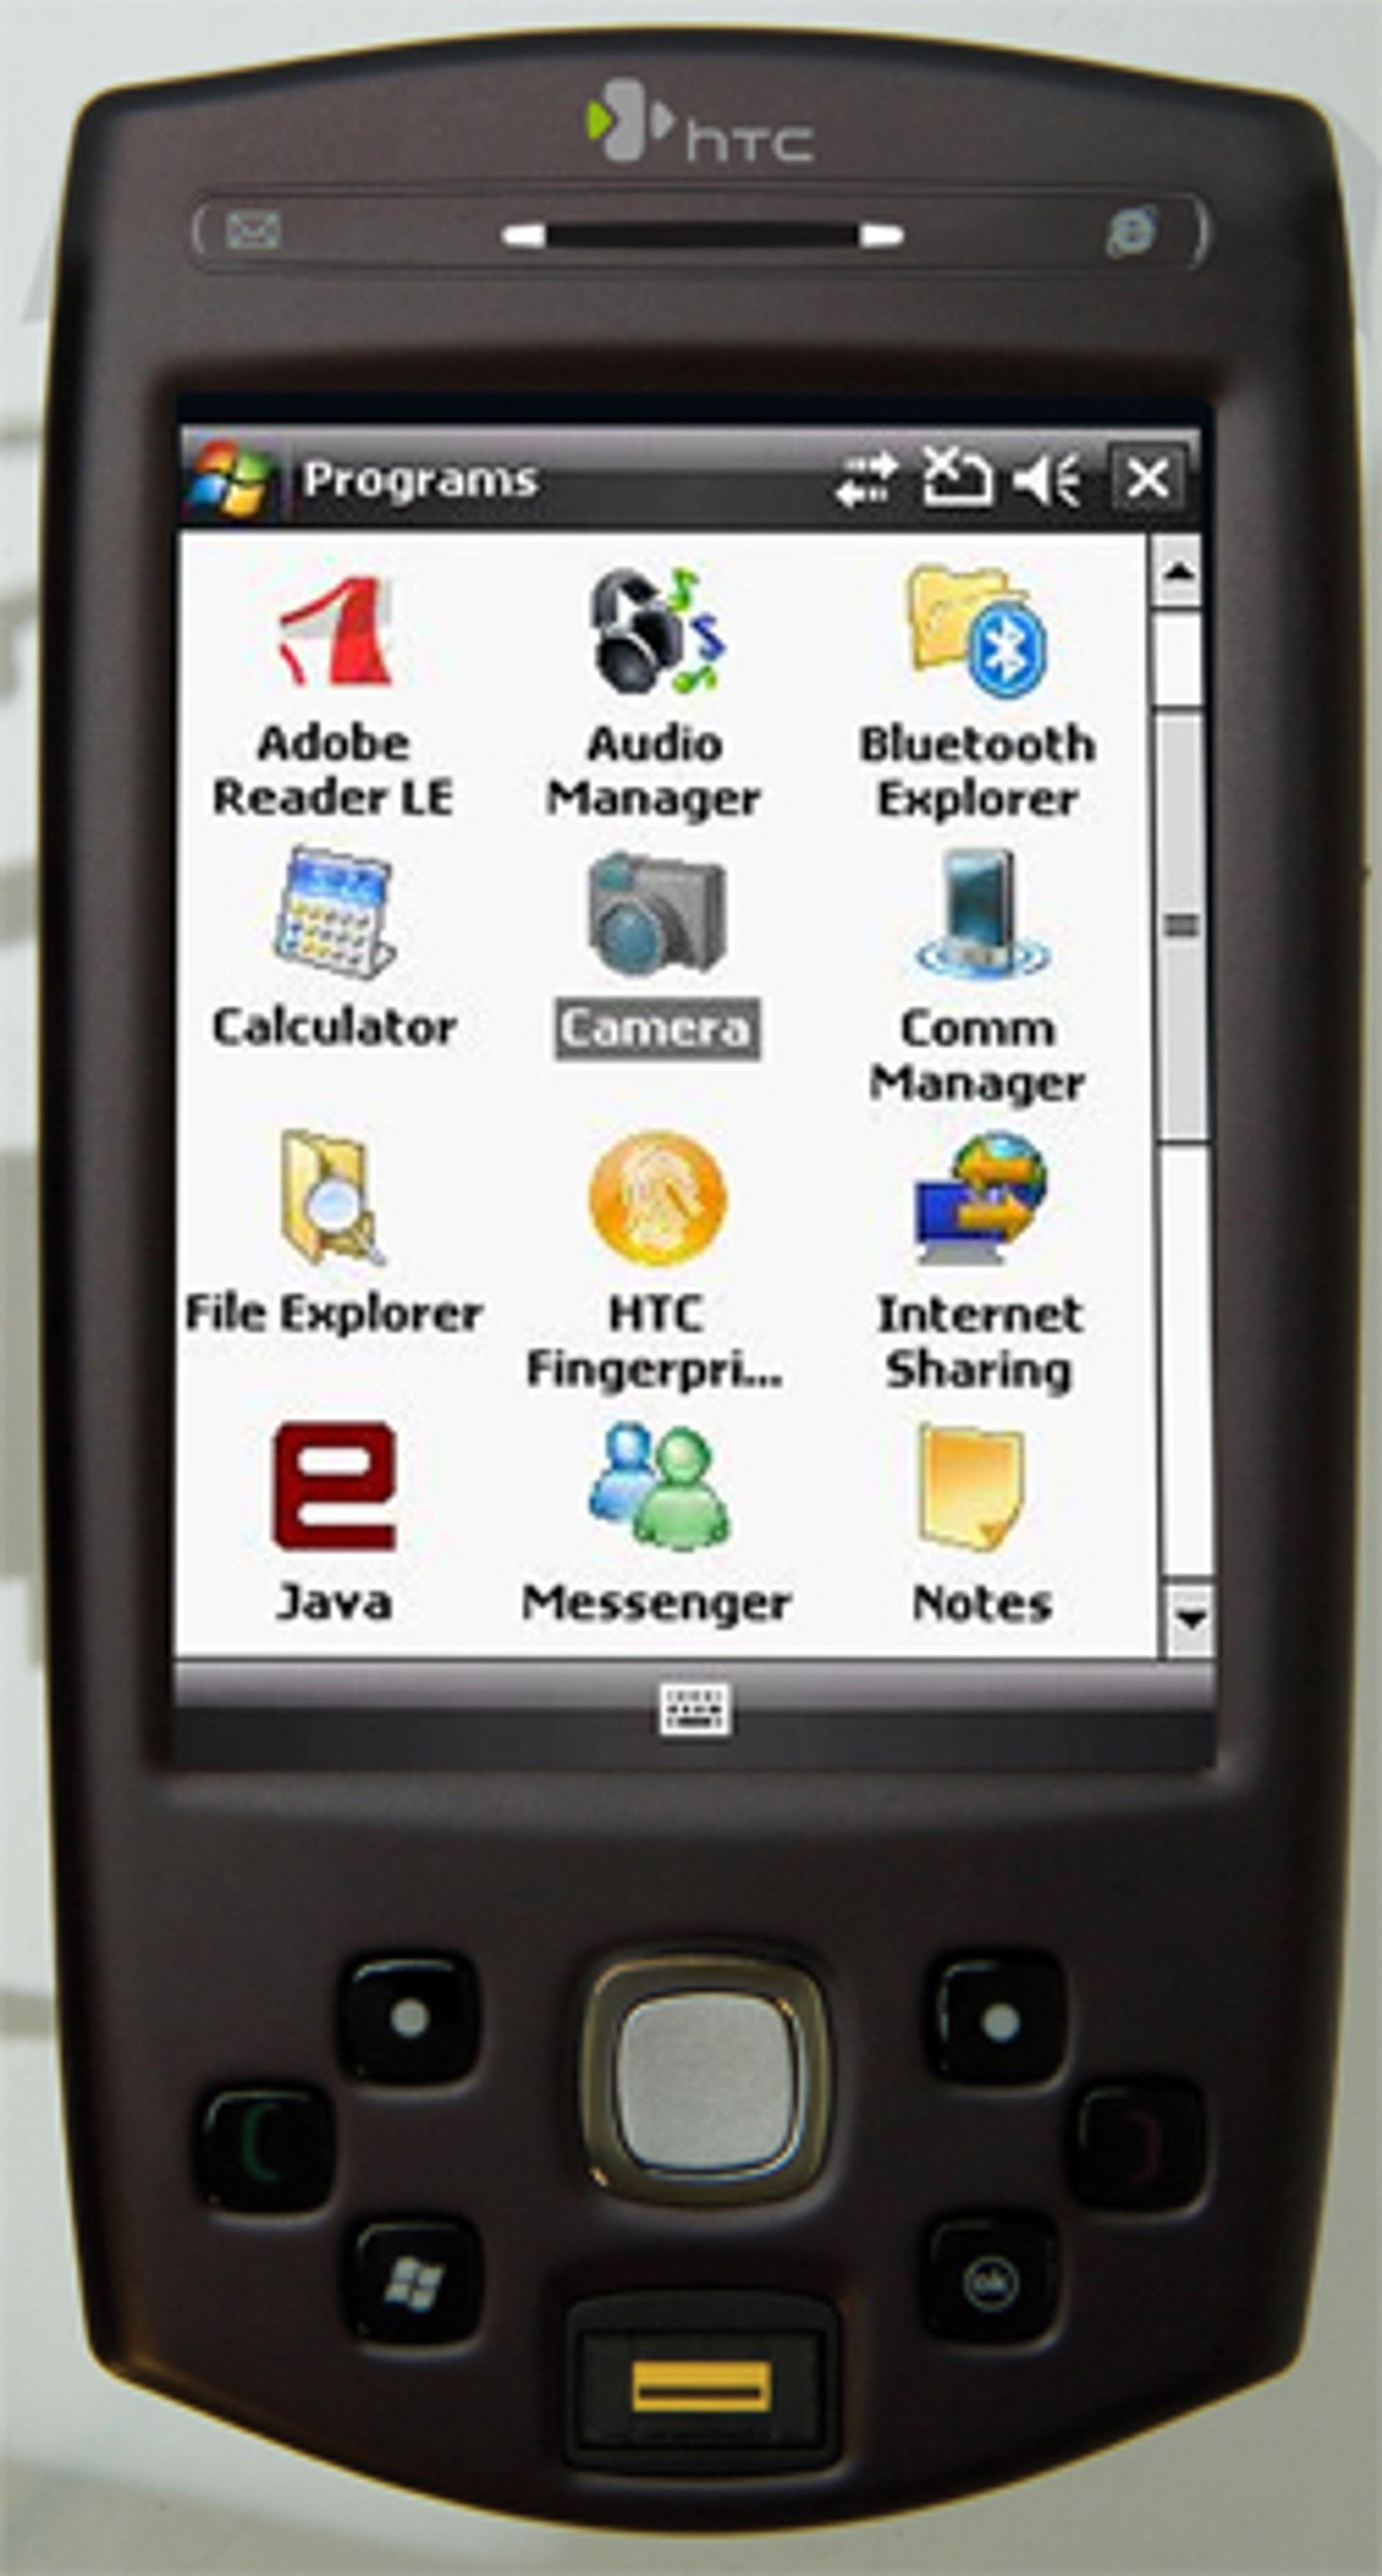 Denne mobilen fokuserer på sikkerhet. Og det koster.